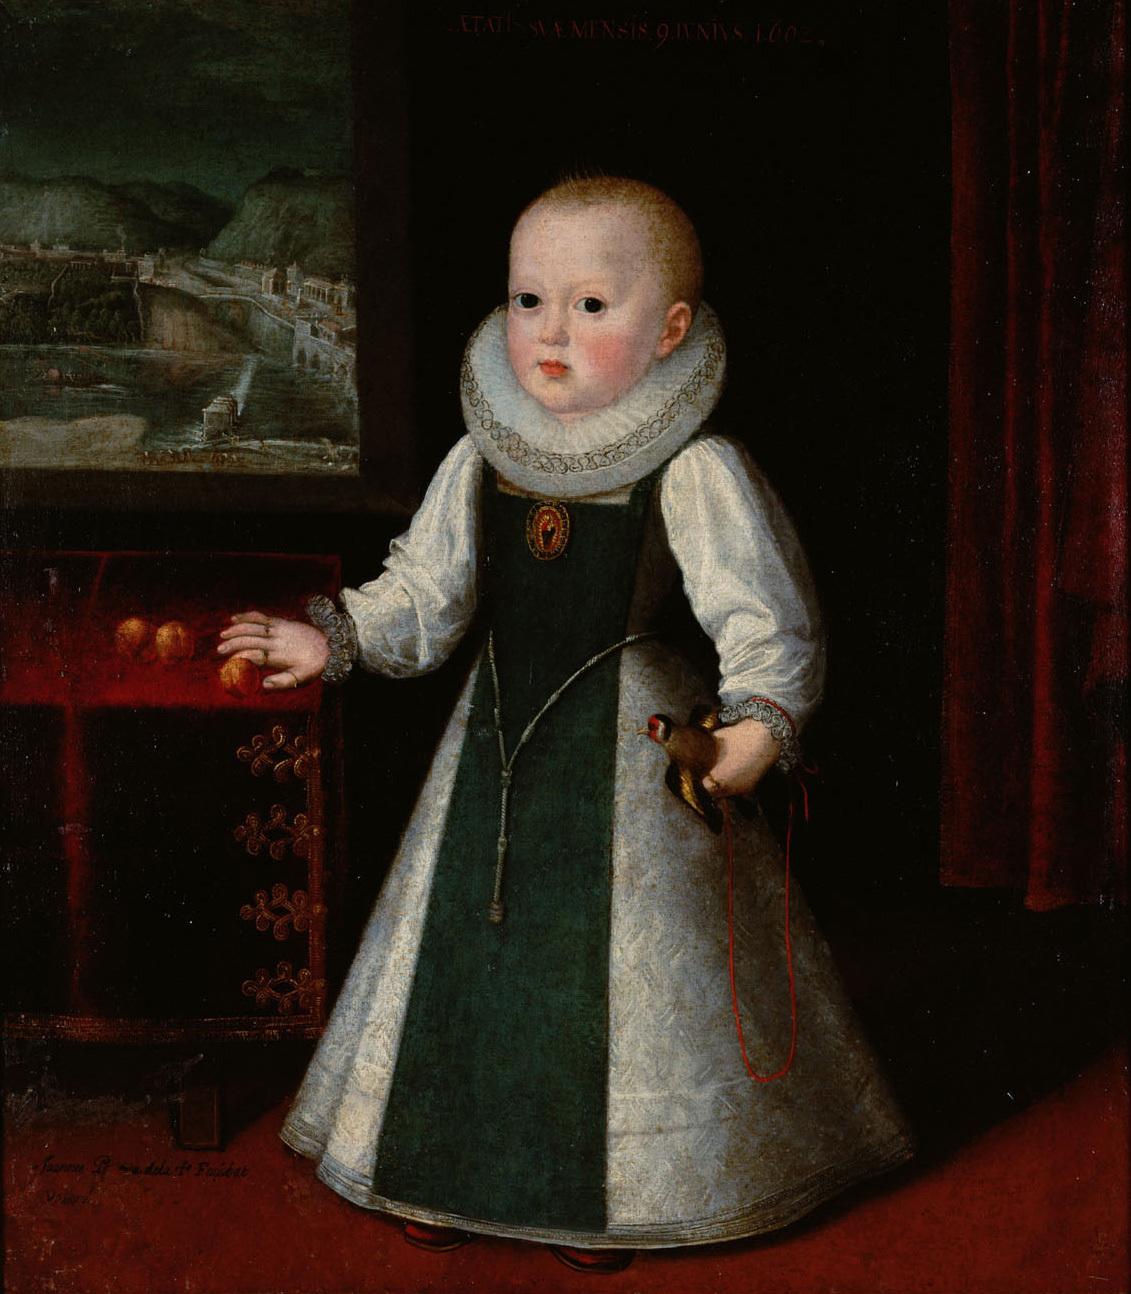 Infantin Anna (1601-1666), Königin von Frankreich, Bildnis in ganzer Figur im Alter von neun Monaten von Juan Pantoja de la Cruz